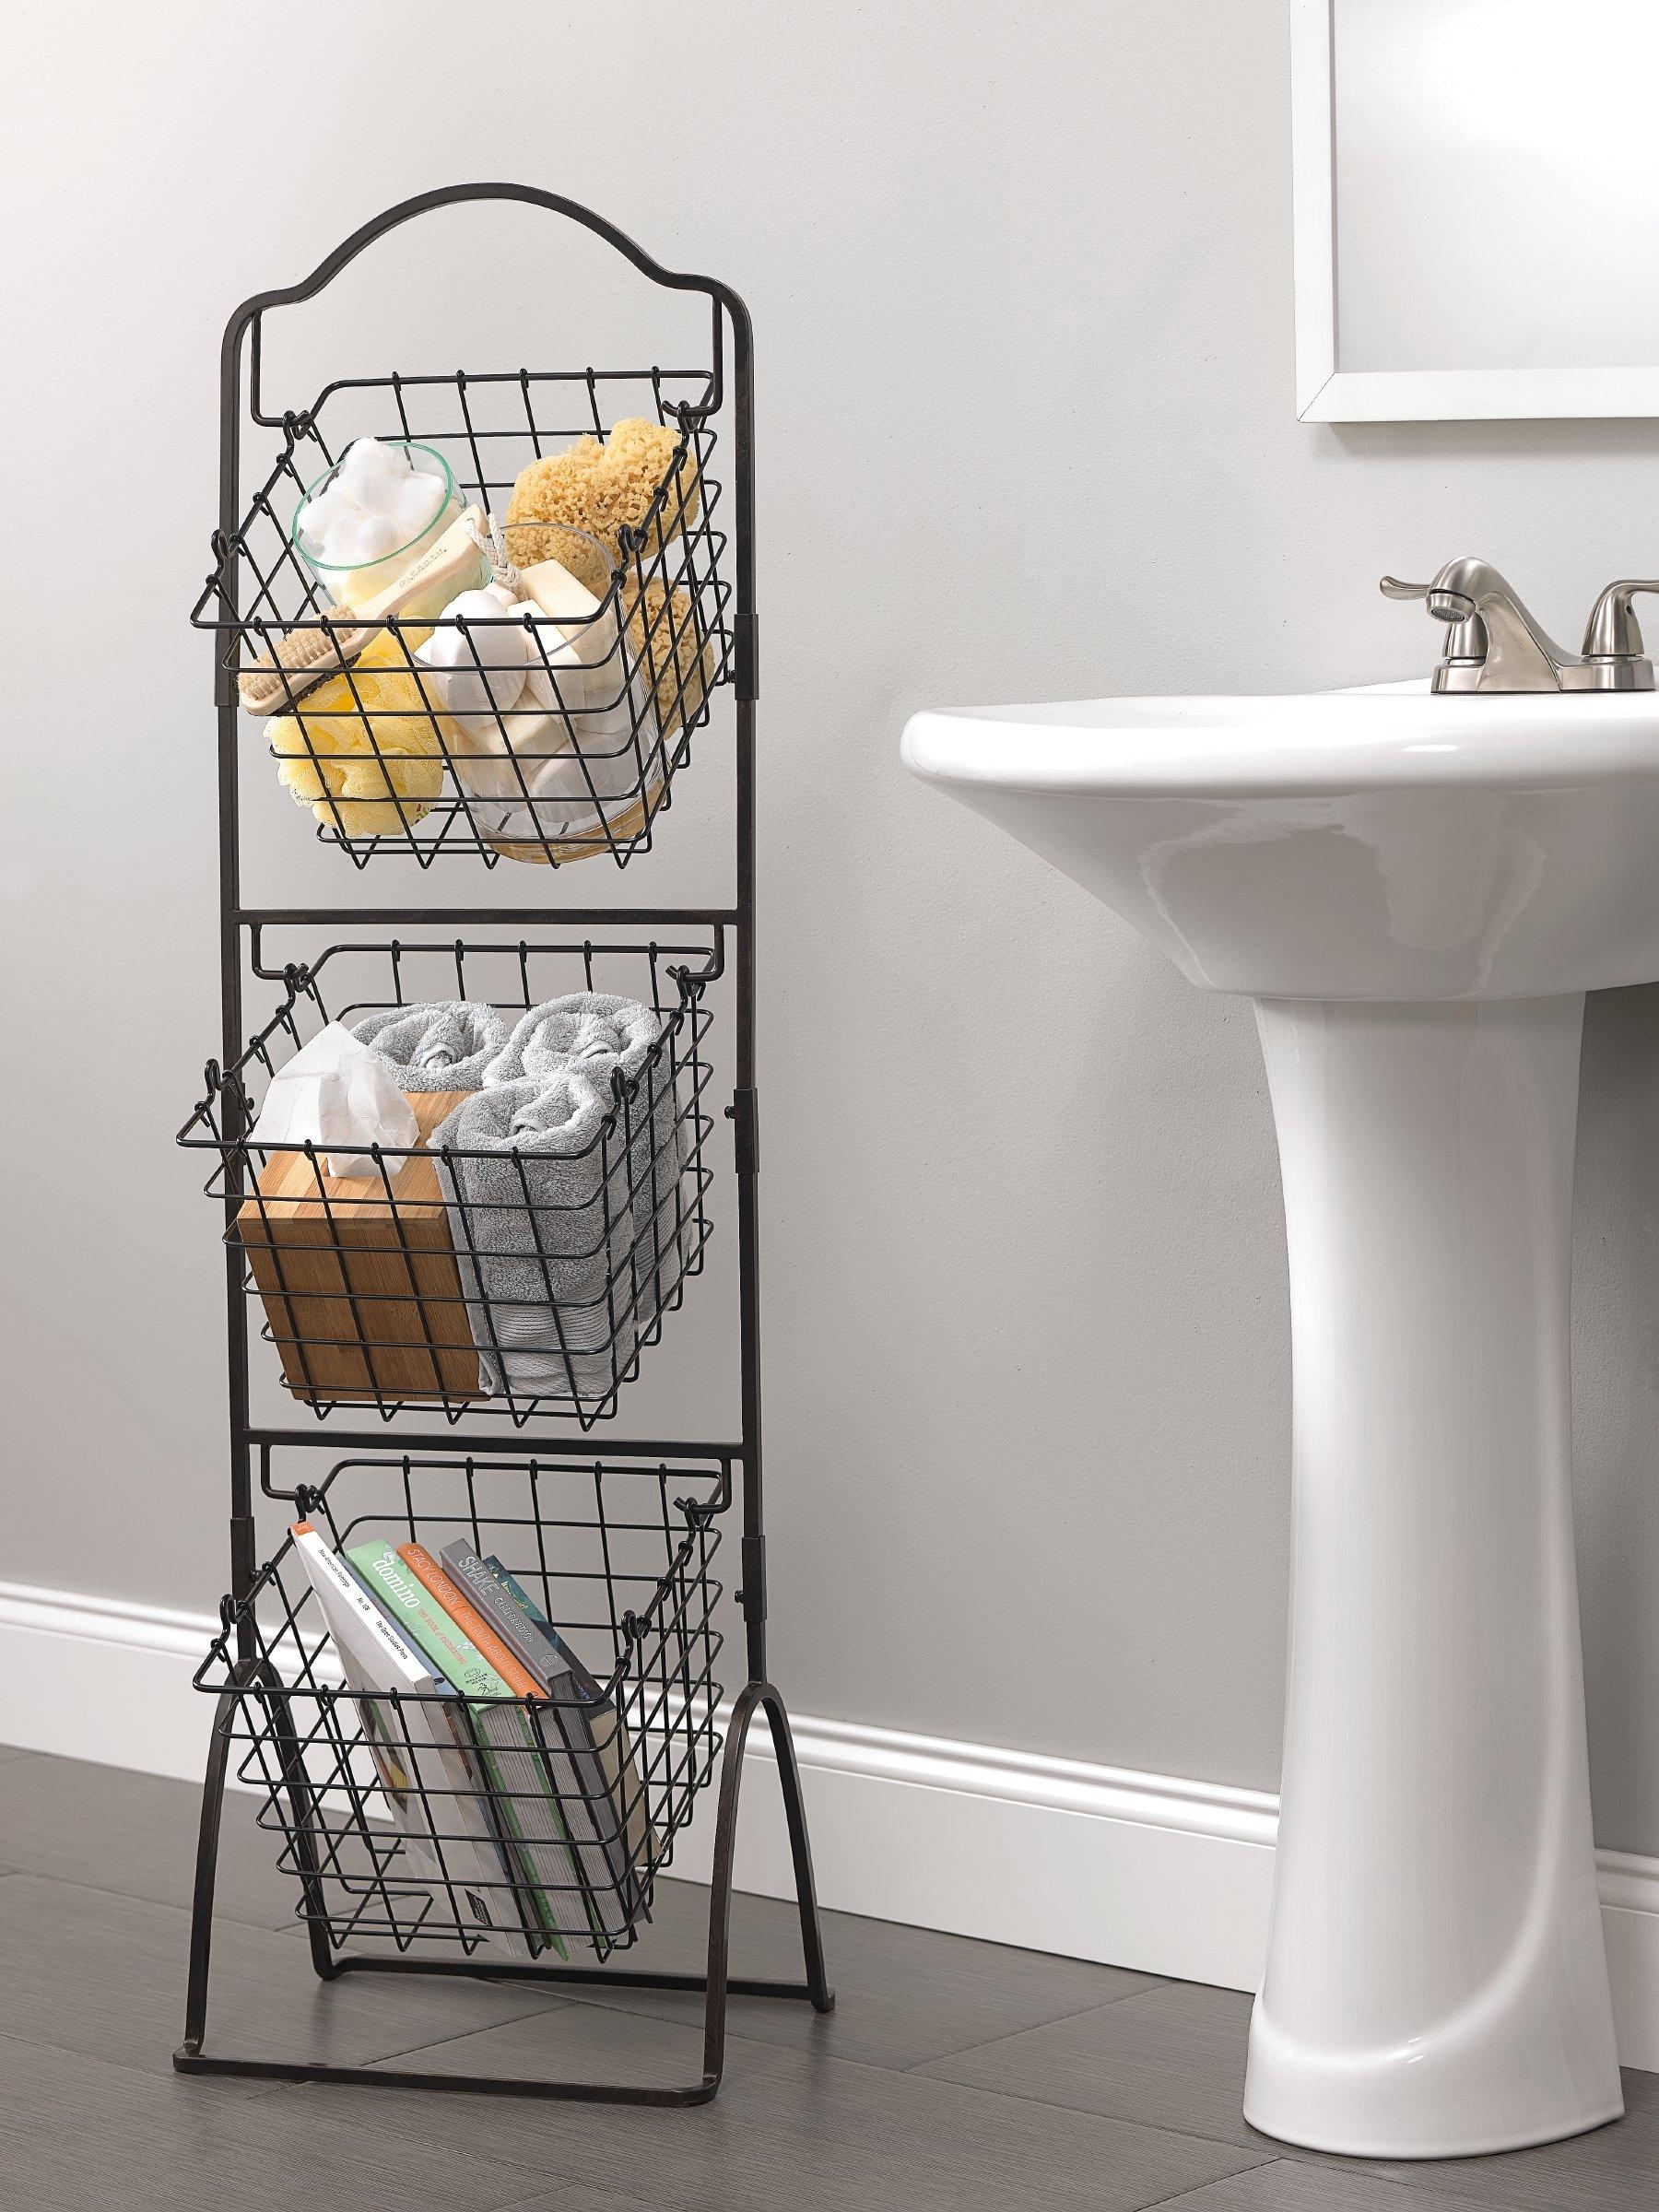 3 Tier Floor Stand Bushel Basket Vegetables Fruit Bathroom